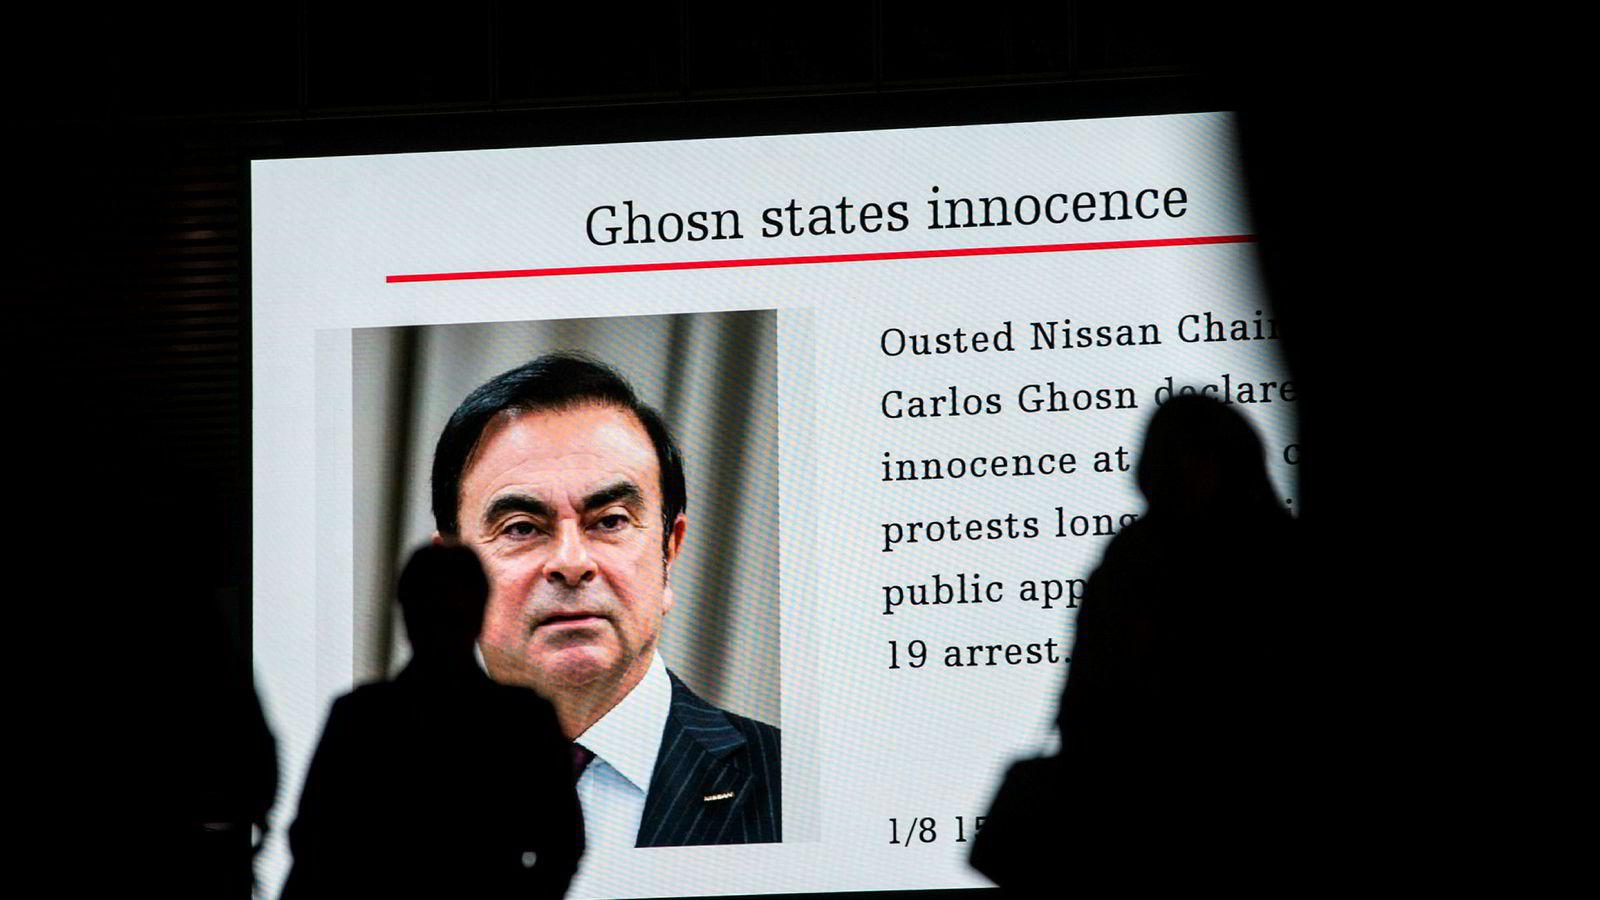 Tidligere Nissan-sjef Carlos Ghosn insisterer på at han er uskyldig. Men nå er tiltalen mot ham utvidet.